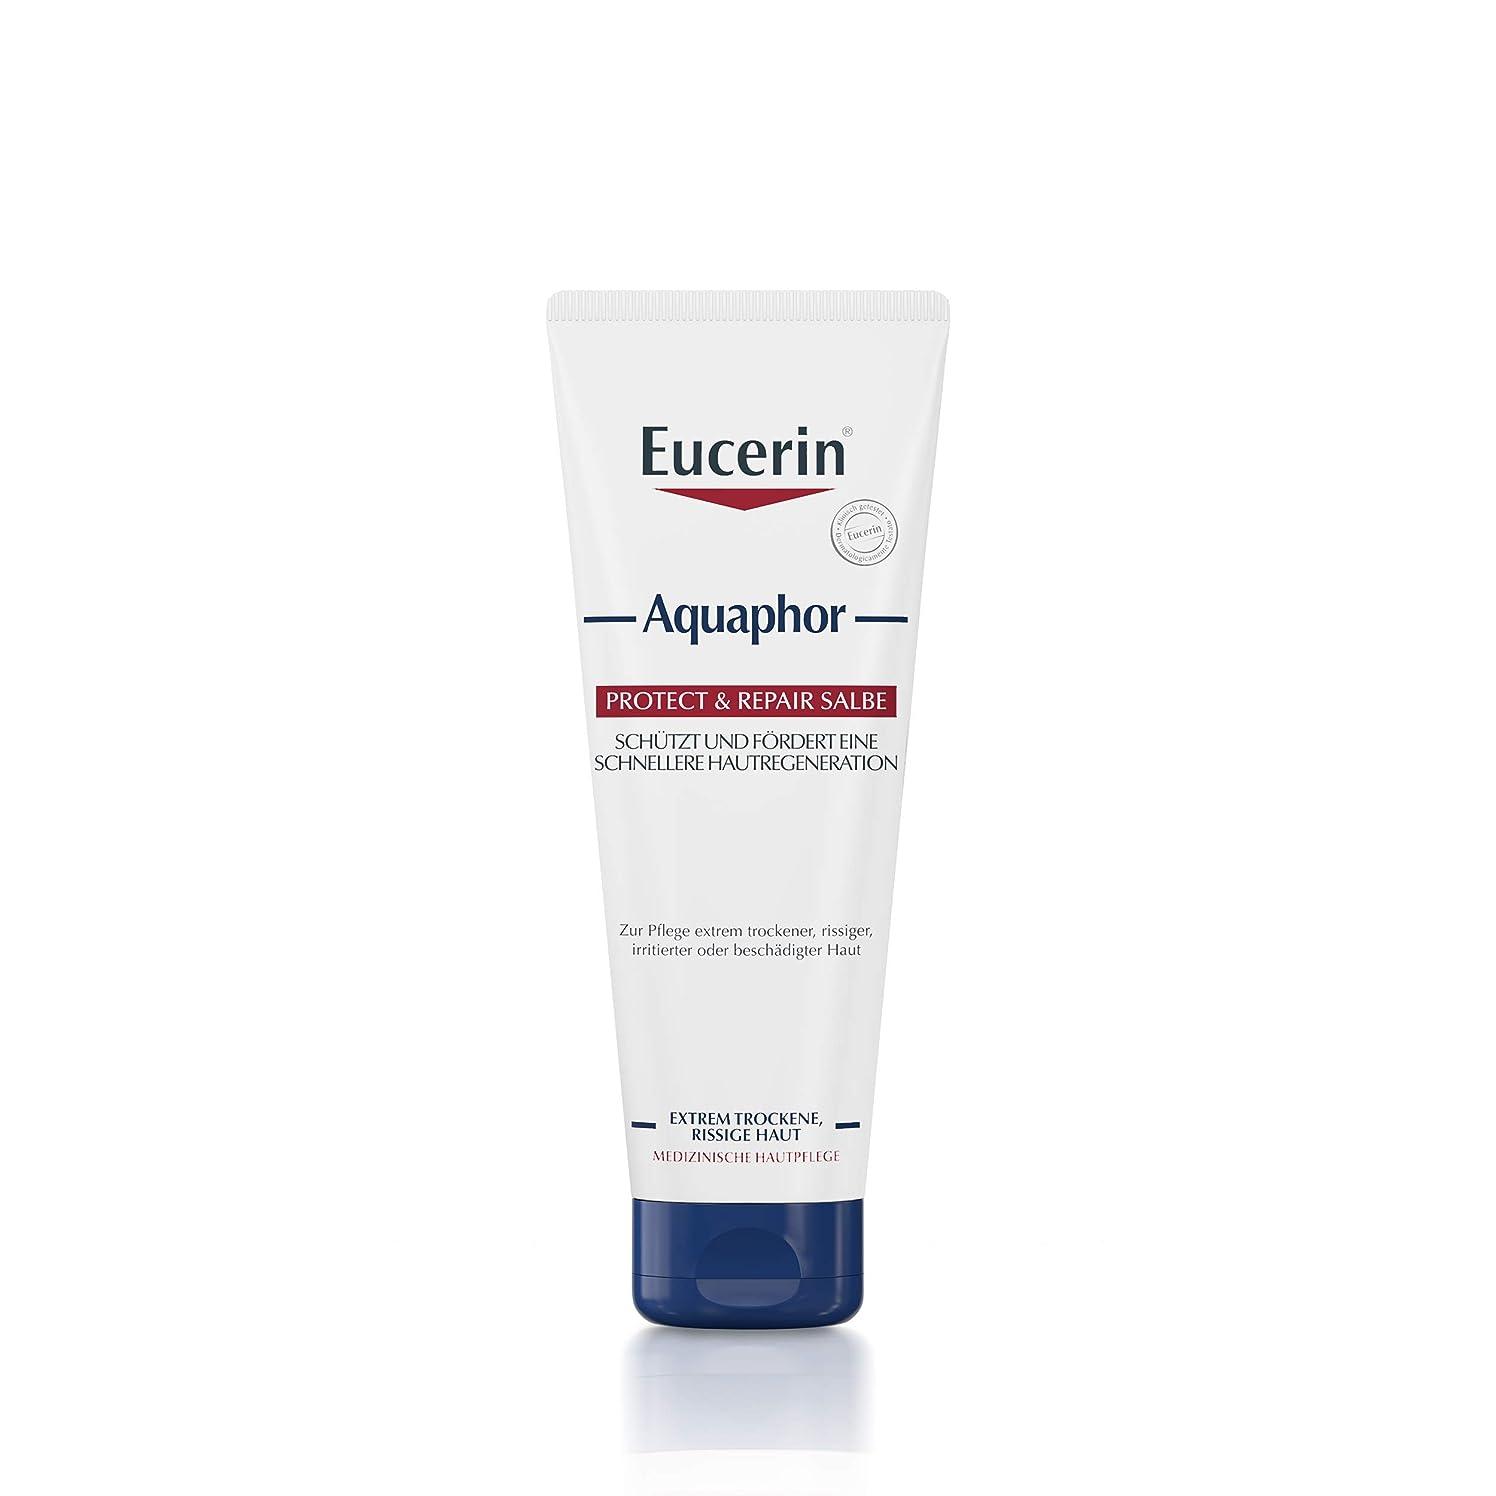 夜間トラクター助言Eucerin Aquaphor Soothing Skin Balm 220ml - EucerinのAquaphor心地よいスキンクリーム220ミリリットル (Eucerin) [並行輸入品]